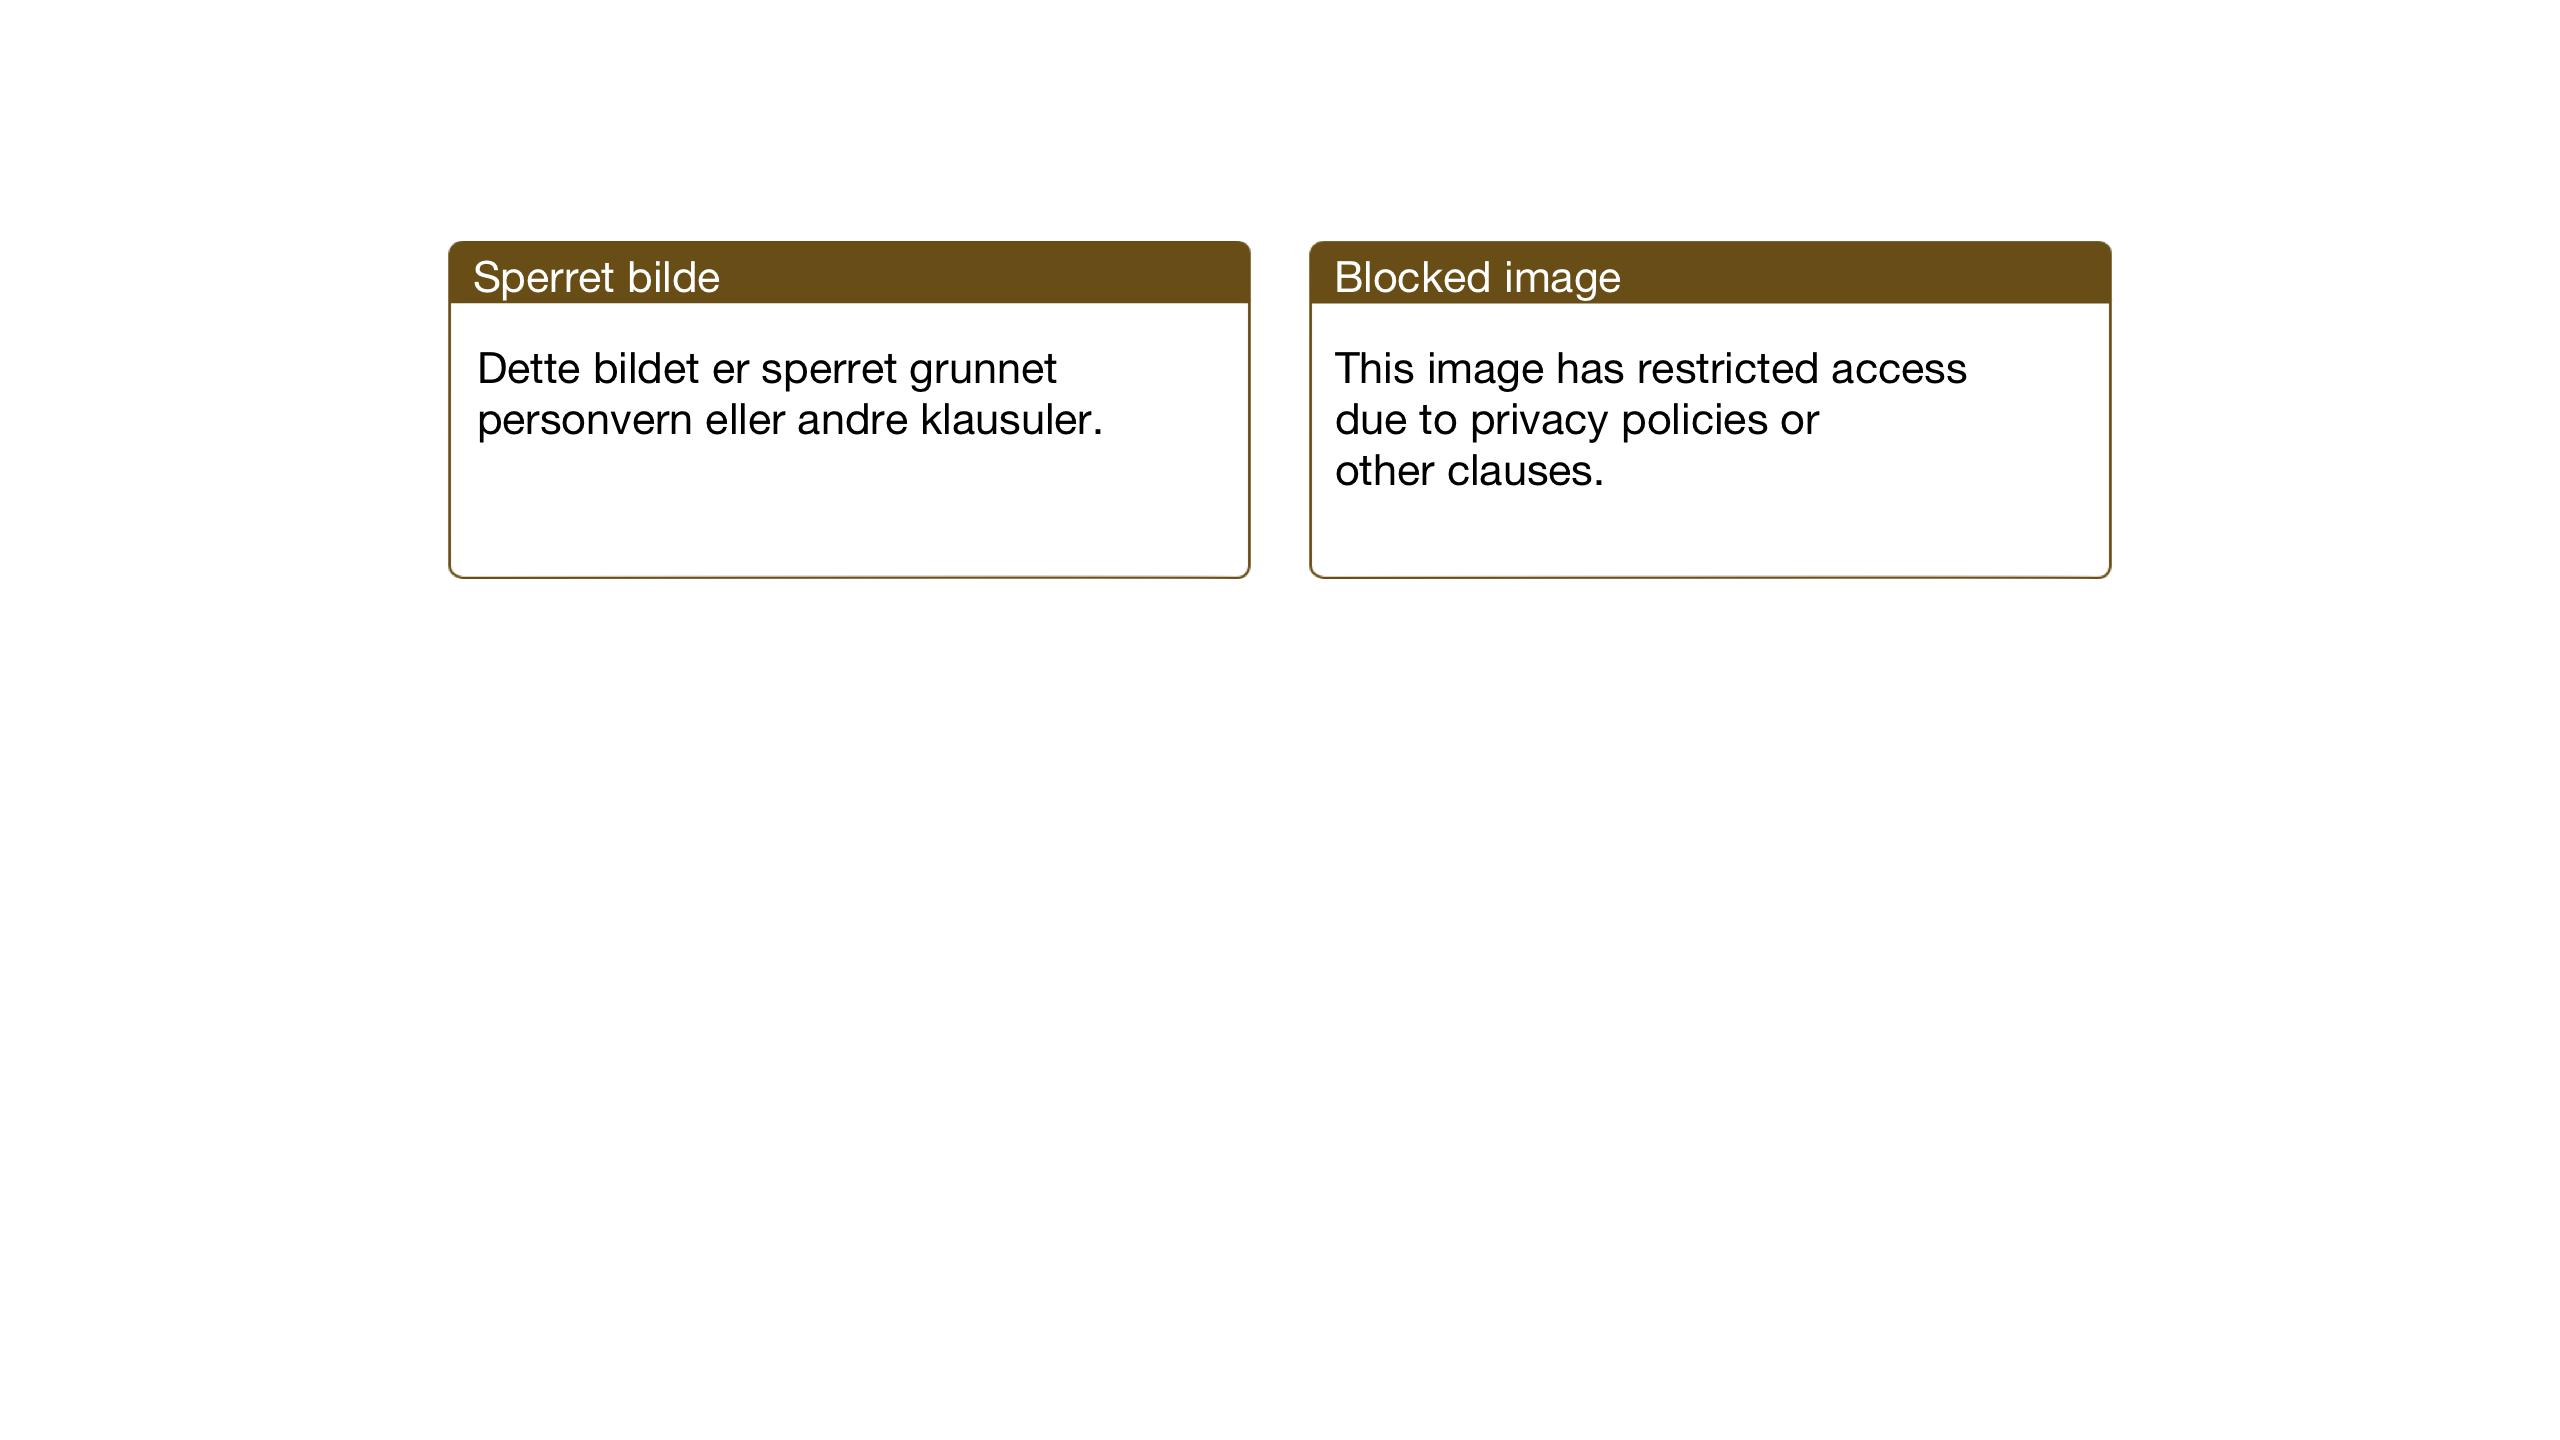 SAT, Ministerialprotokoller, klokkerbøker og fødselsregistre - Sør-Trøndelag, 698/L1169: Klokkerbok nr. 698C06, 1930-1949, s. 54